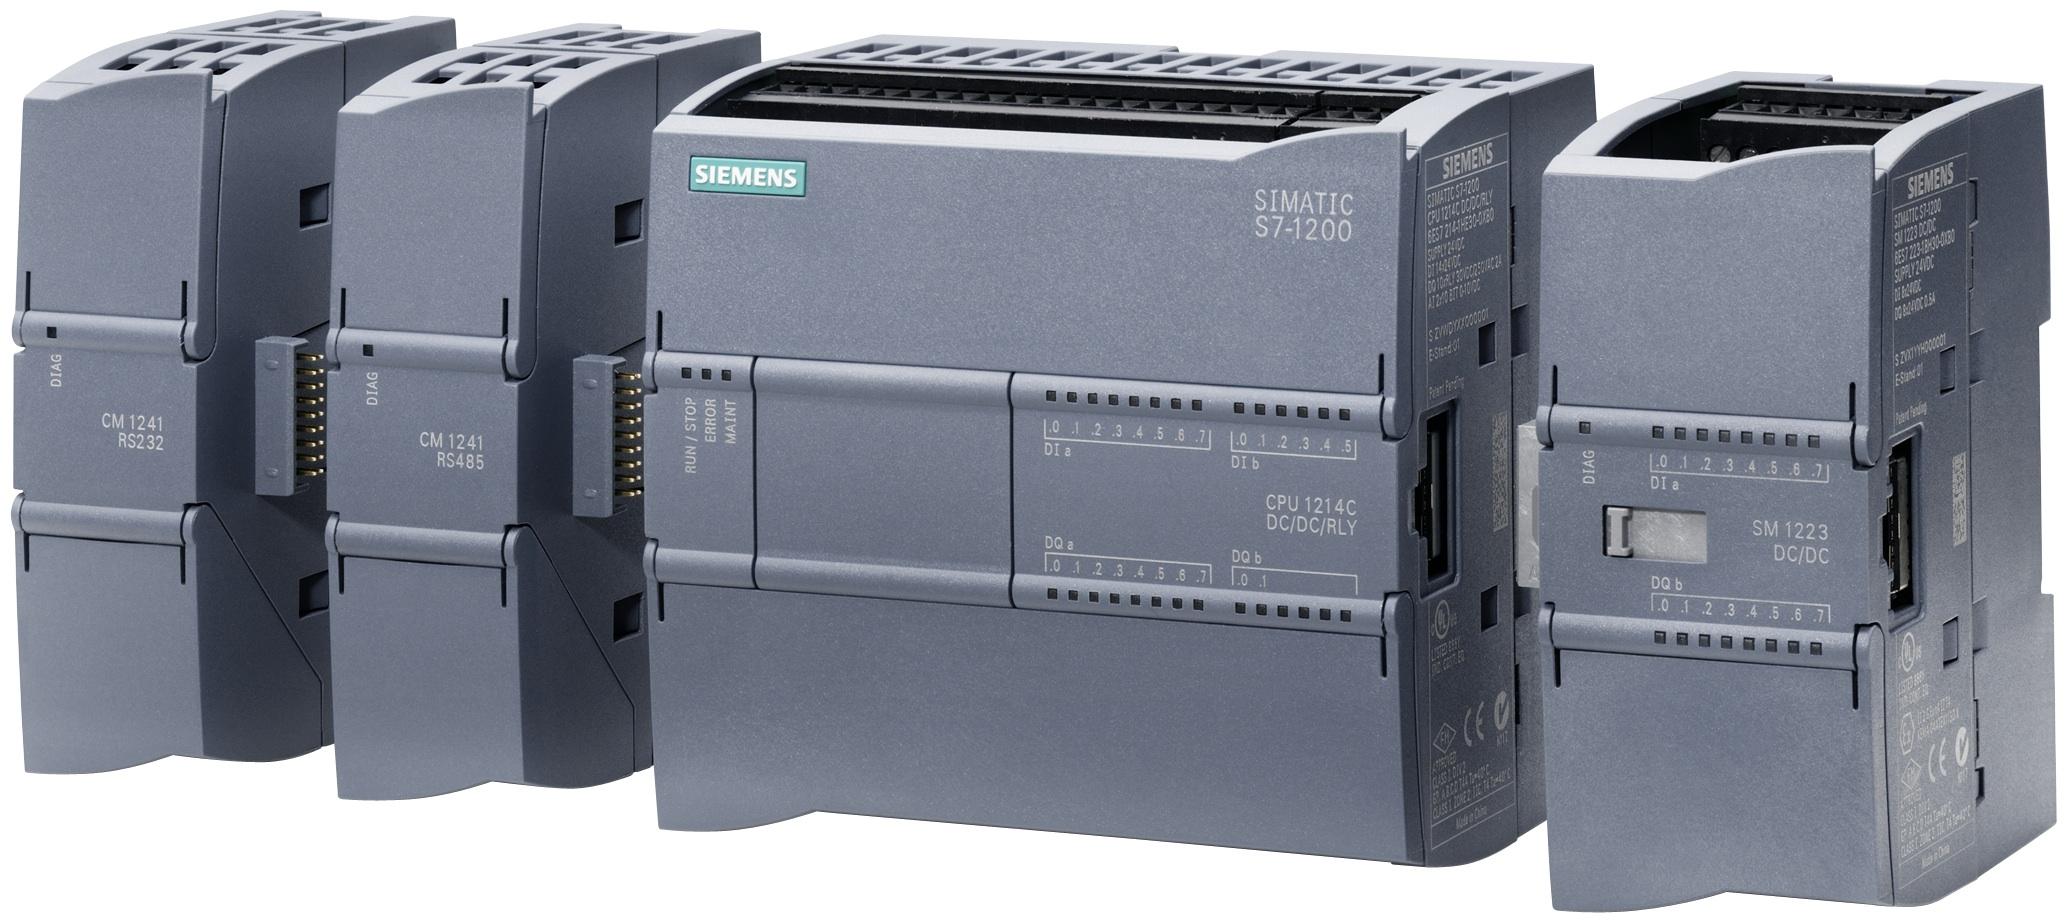 Bộ điều khiển lập trình PLC Siemens- S7 1200